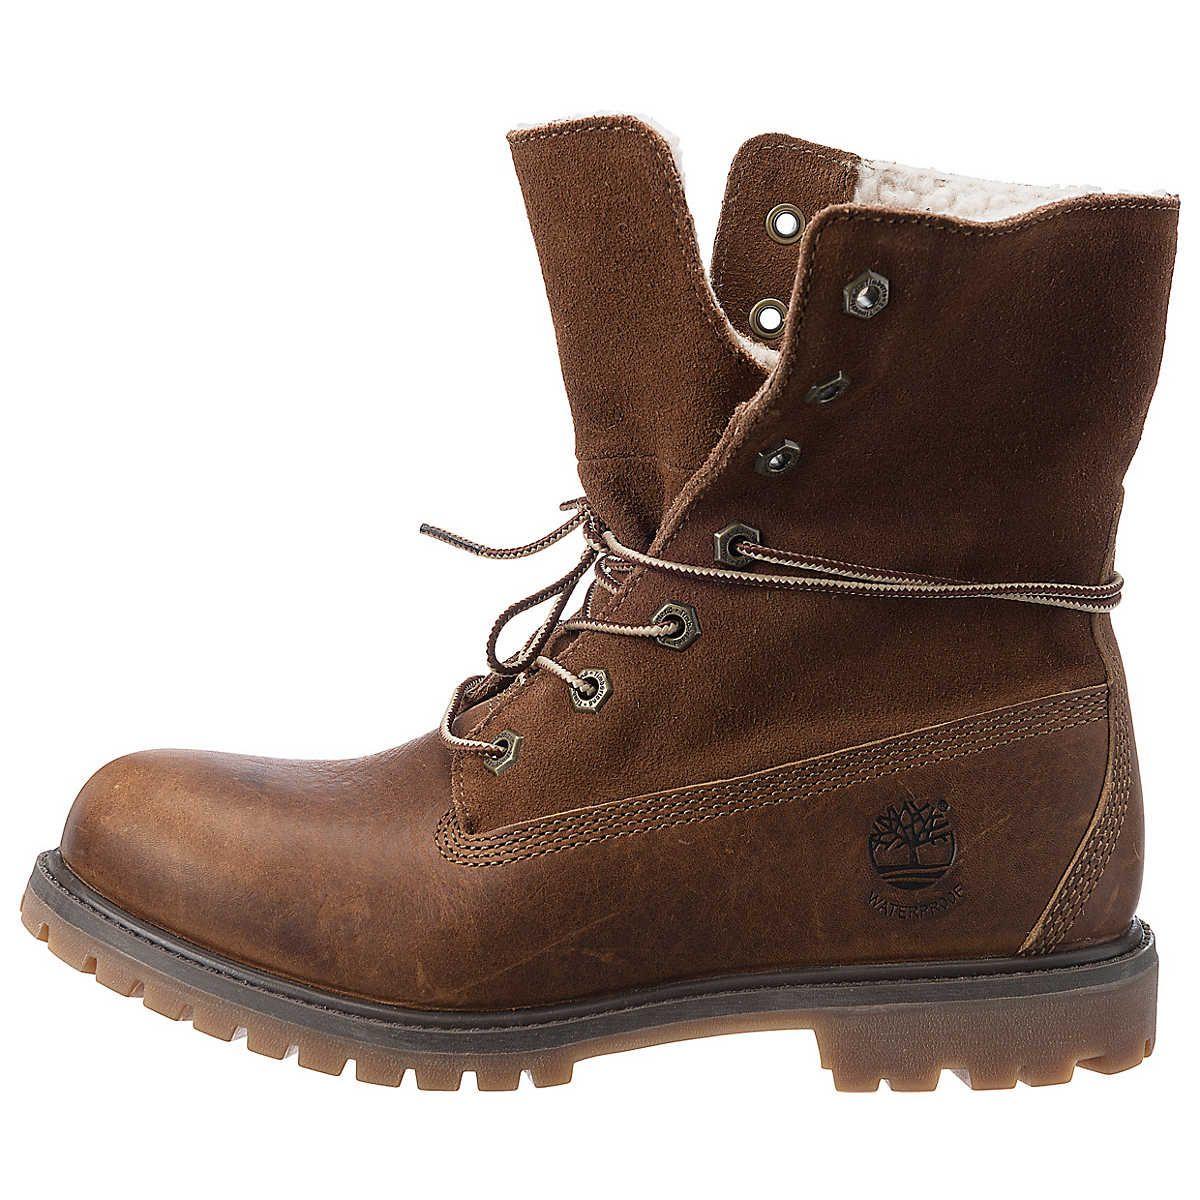 6bae03f080 Timberland Authentics Stiefeletten | Stiefel-Schuhe-Tasche ...